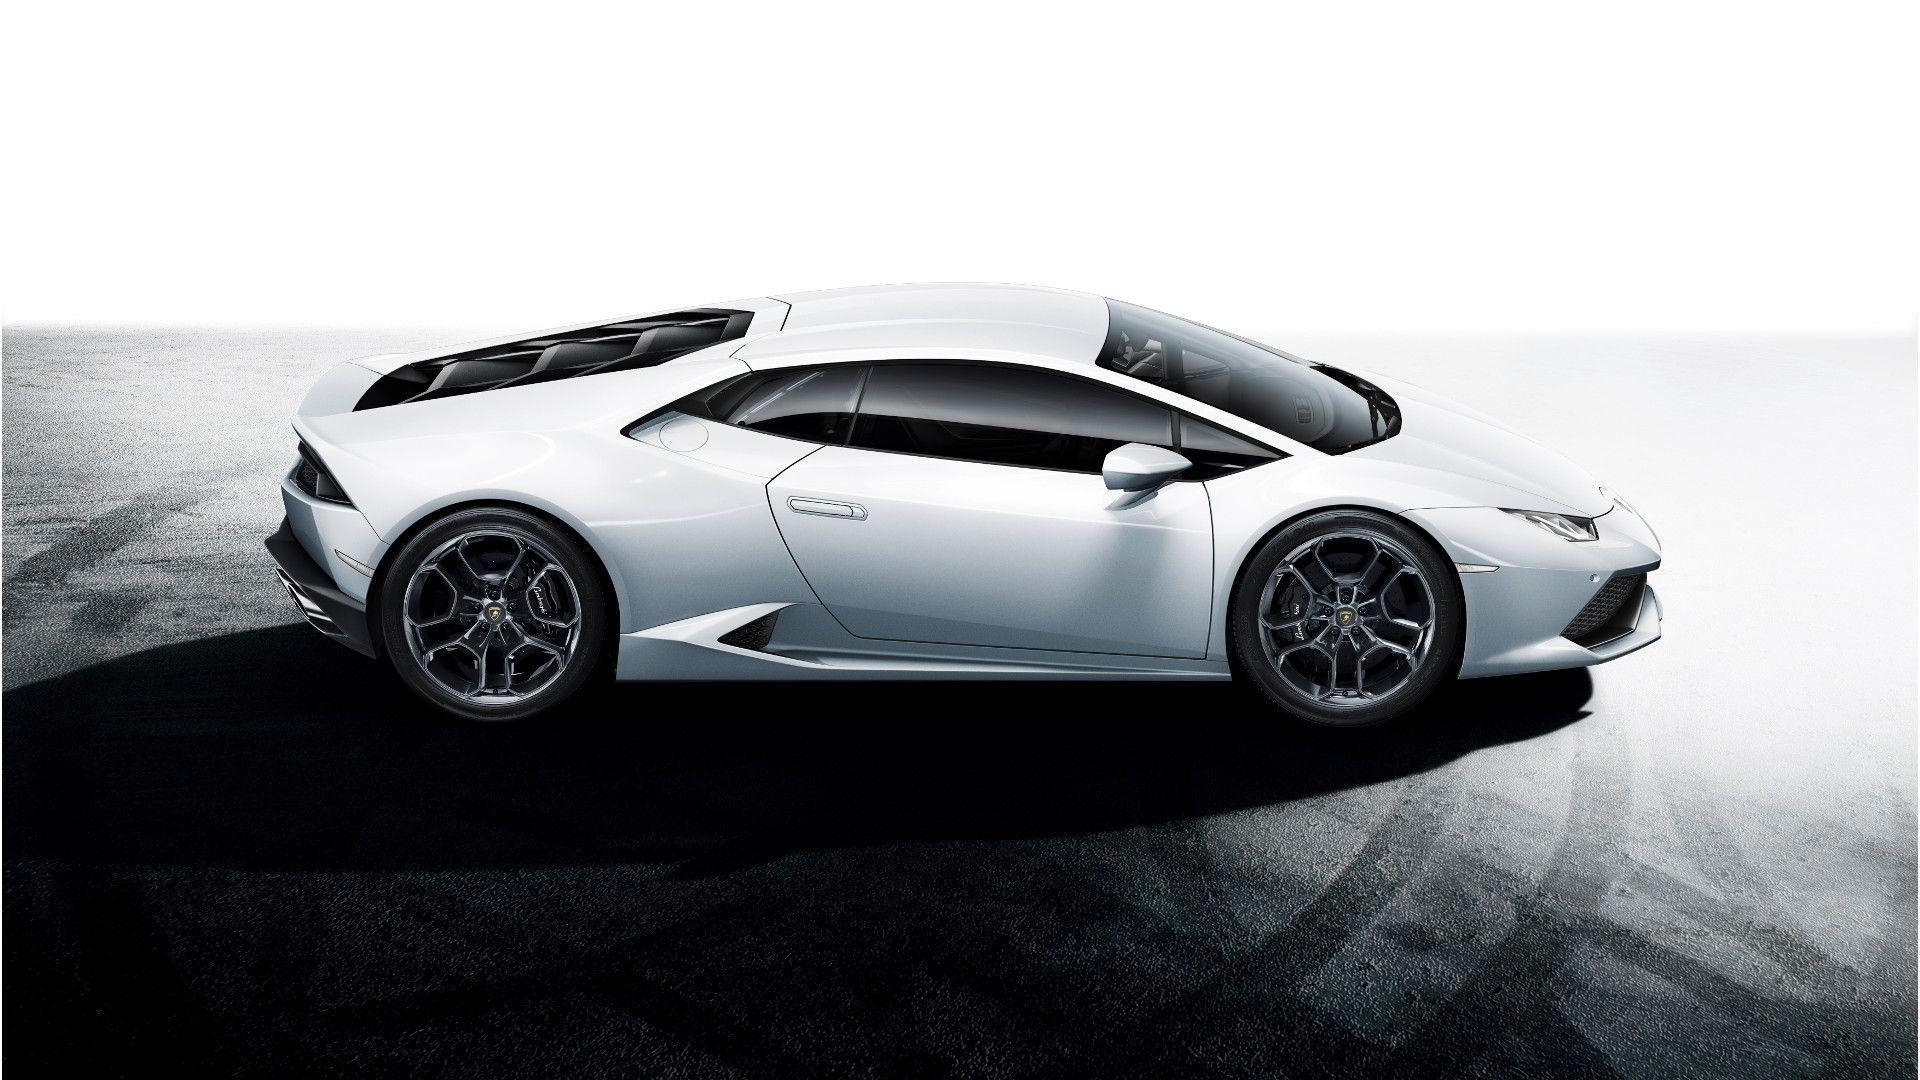 d13c0edd6b91e275c65a5cbd9b91ca97 Amazing 2015 Lamborghini Huracan Price Per Month Cars Trend